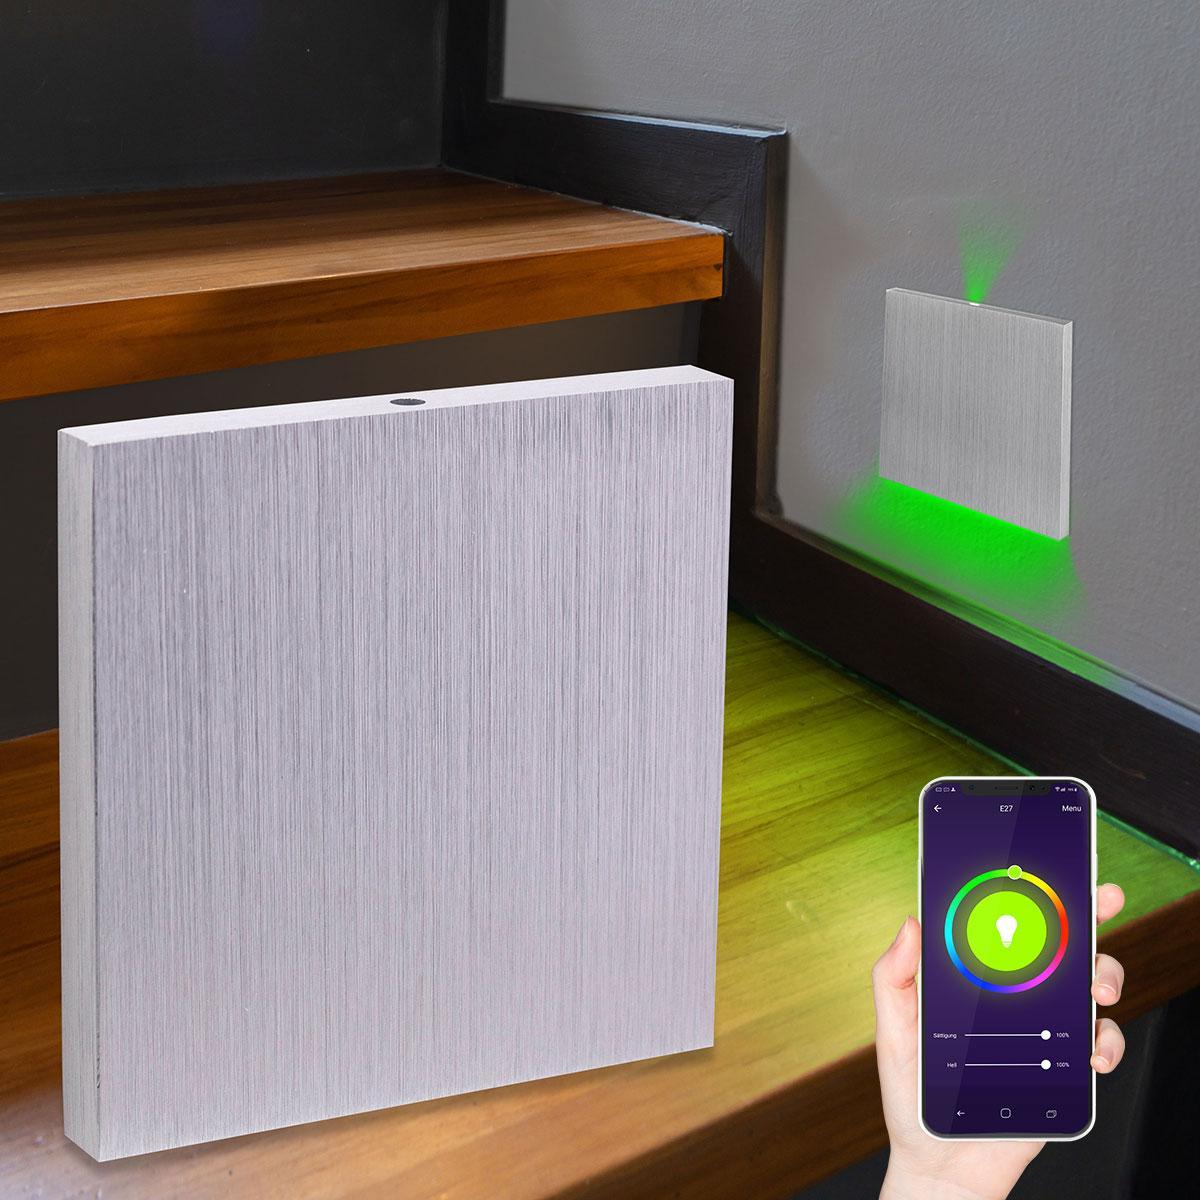 LED Treppenlicht Wandeinbauleuchte Smart Tuya RGB+CCT 230V 5W Alu-gebürstet Lichtaustritt oben&unten